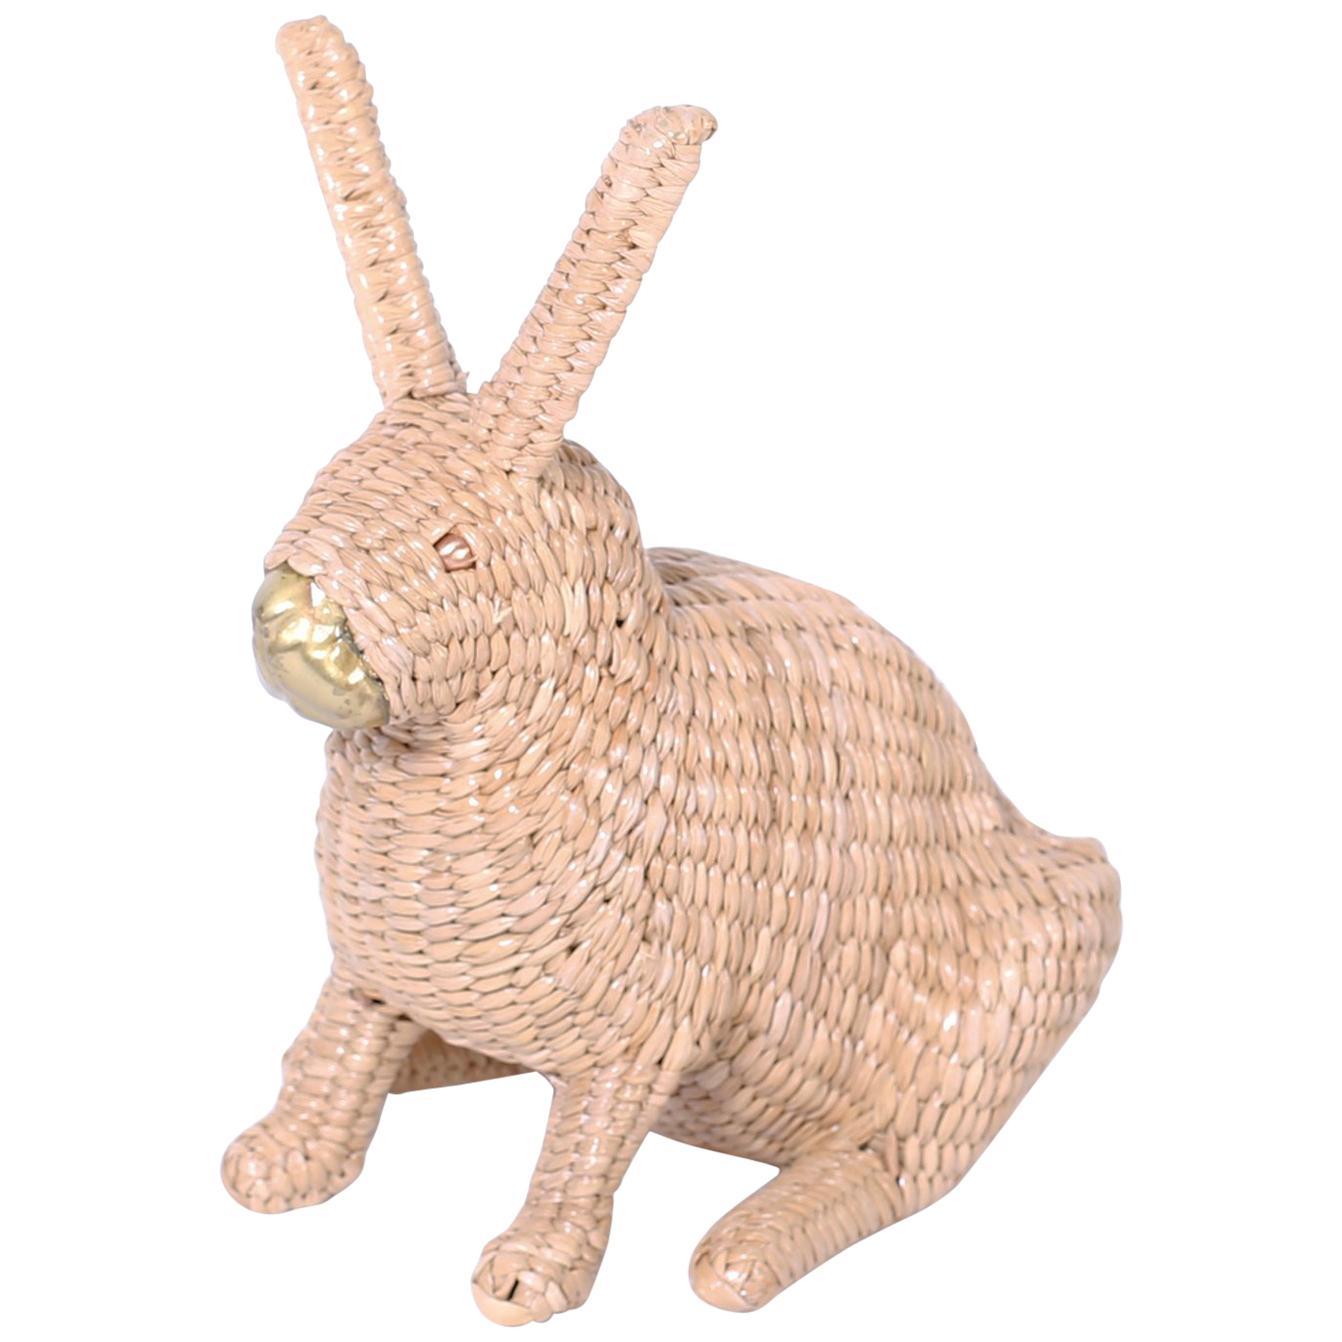 Mario Torres Wicker Bunny